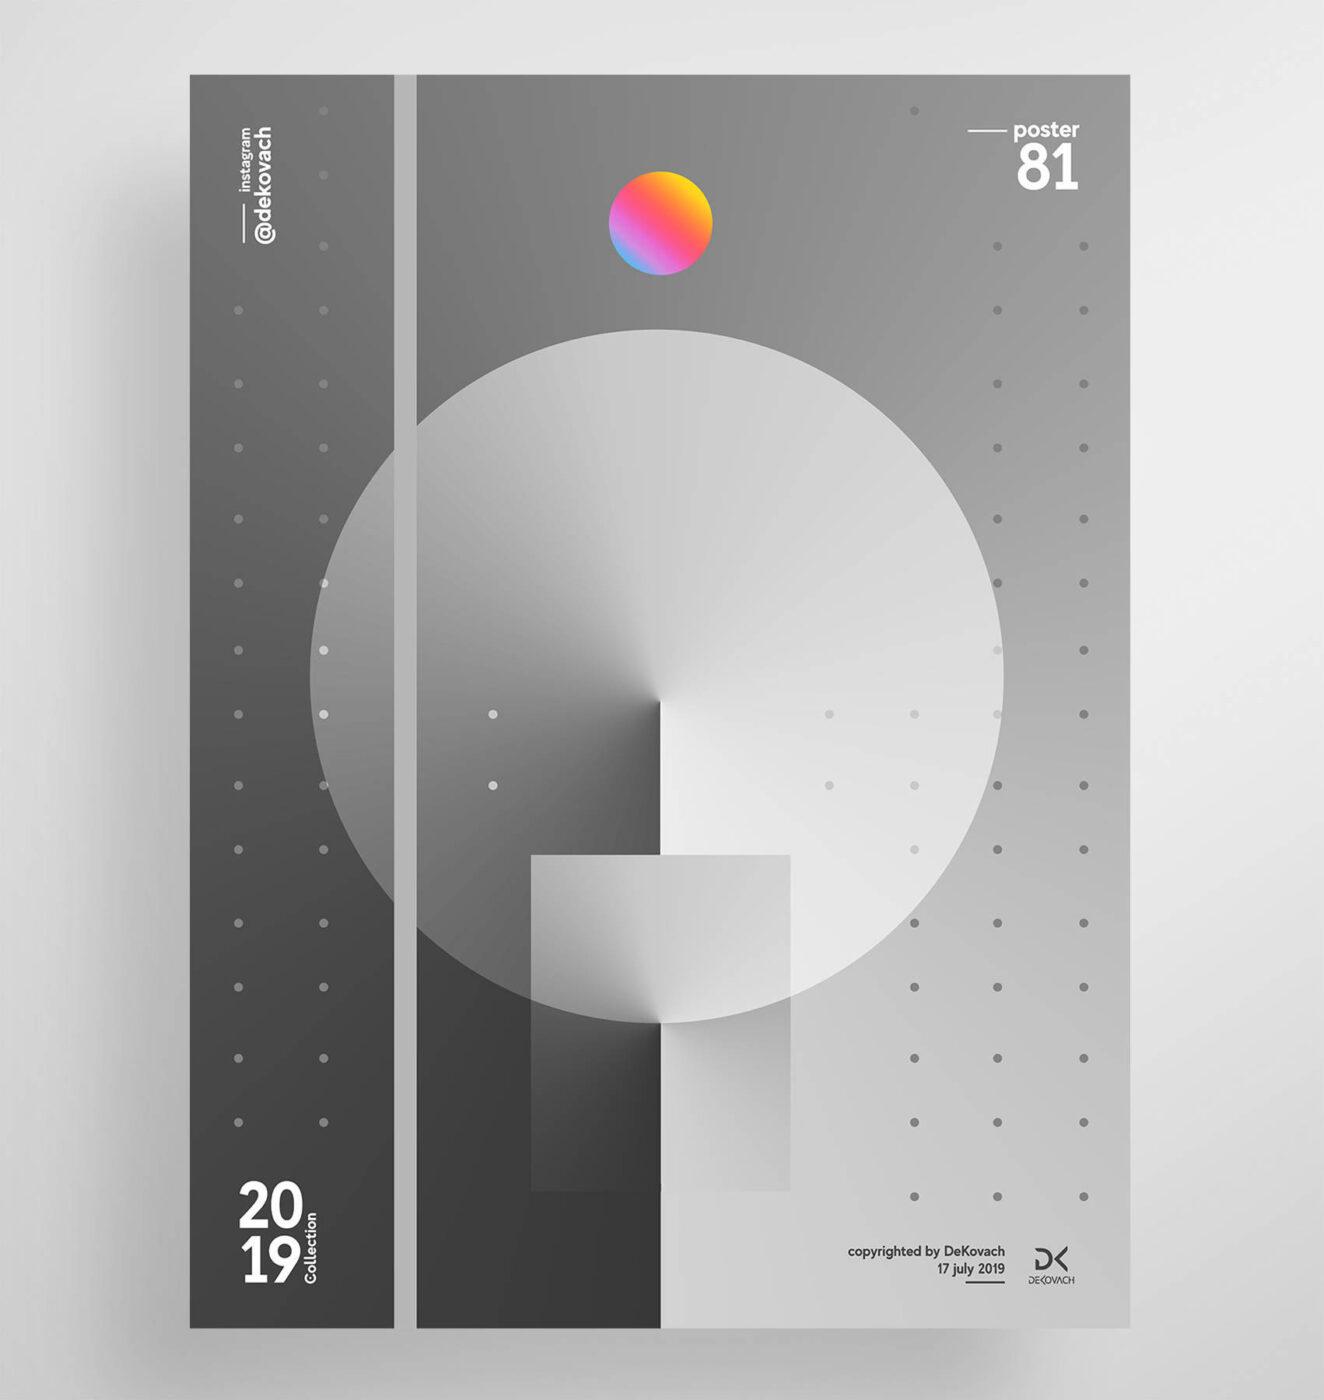 Napravljen za dizajn, 2019